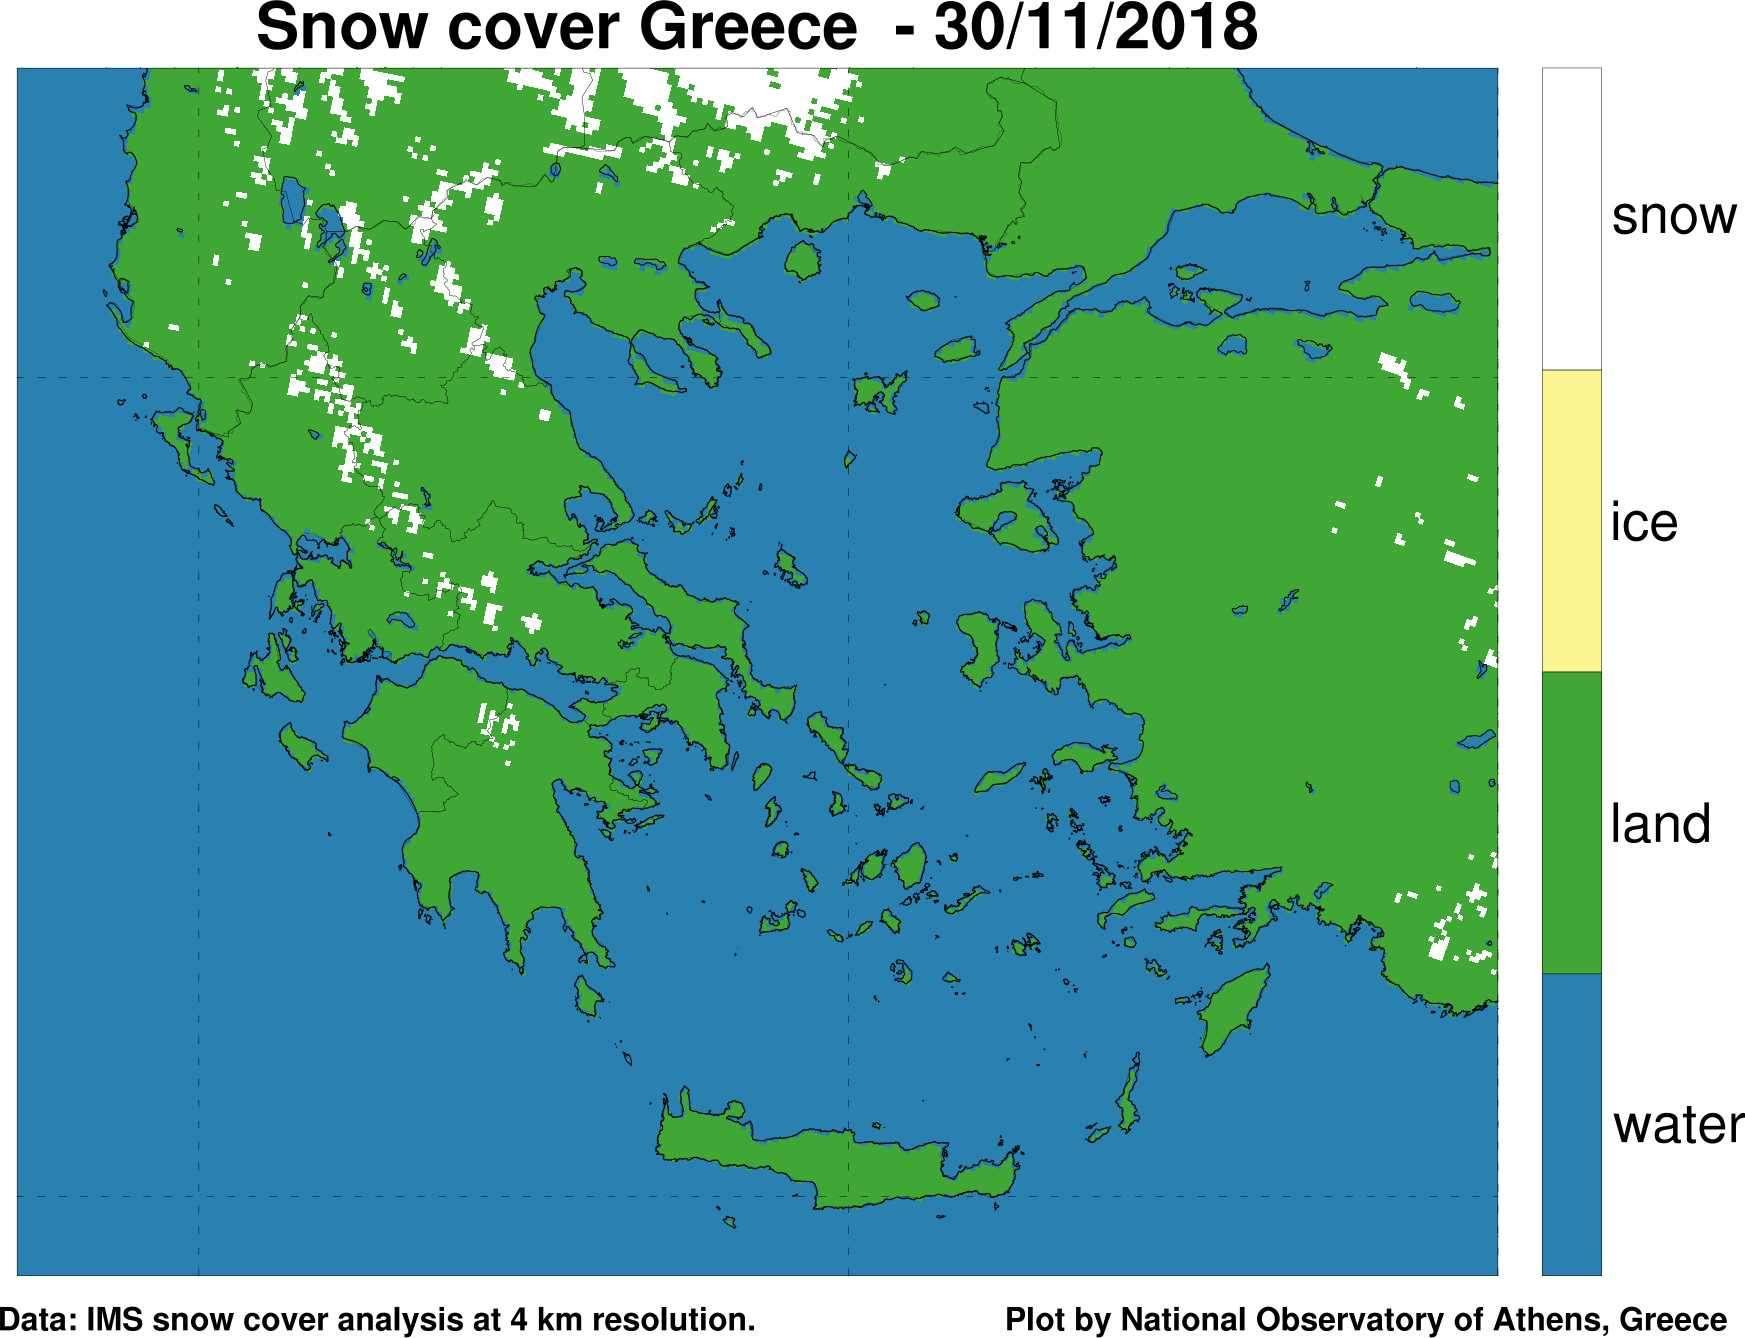 Δορυφορική εκτίμηση χιονοκάλυψης στην Ελλάδα μετά το πέρας της «Πηνελόπης».